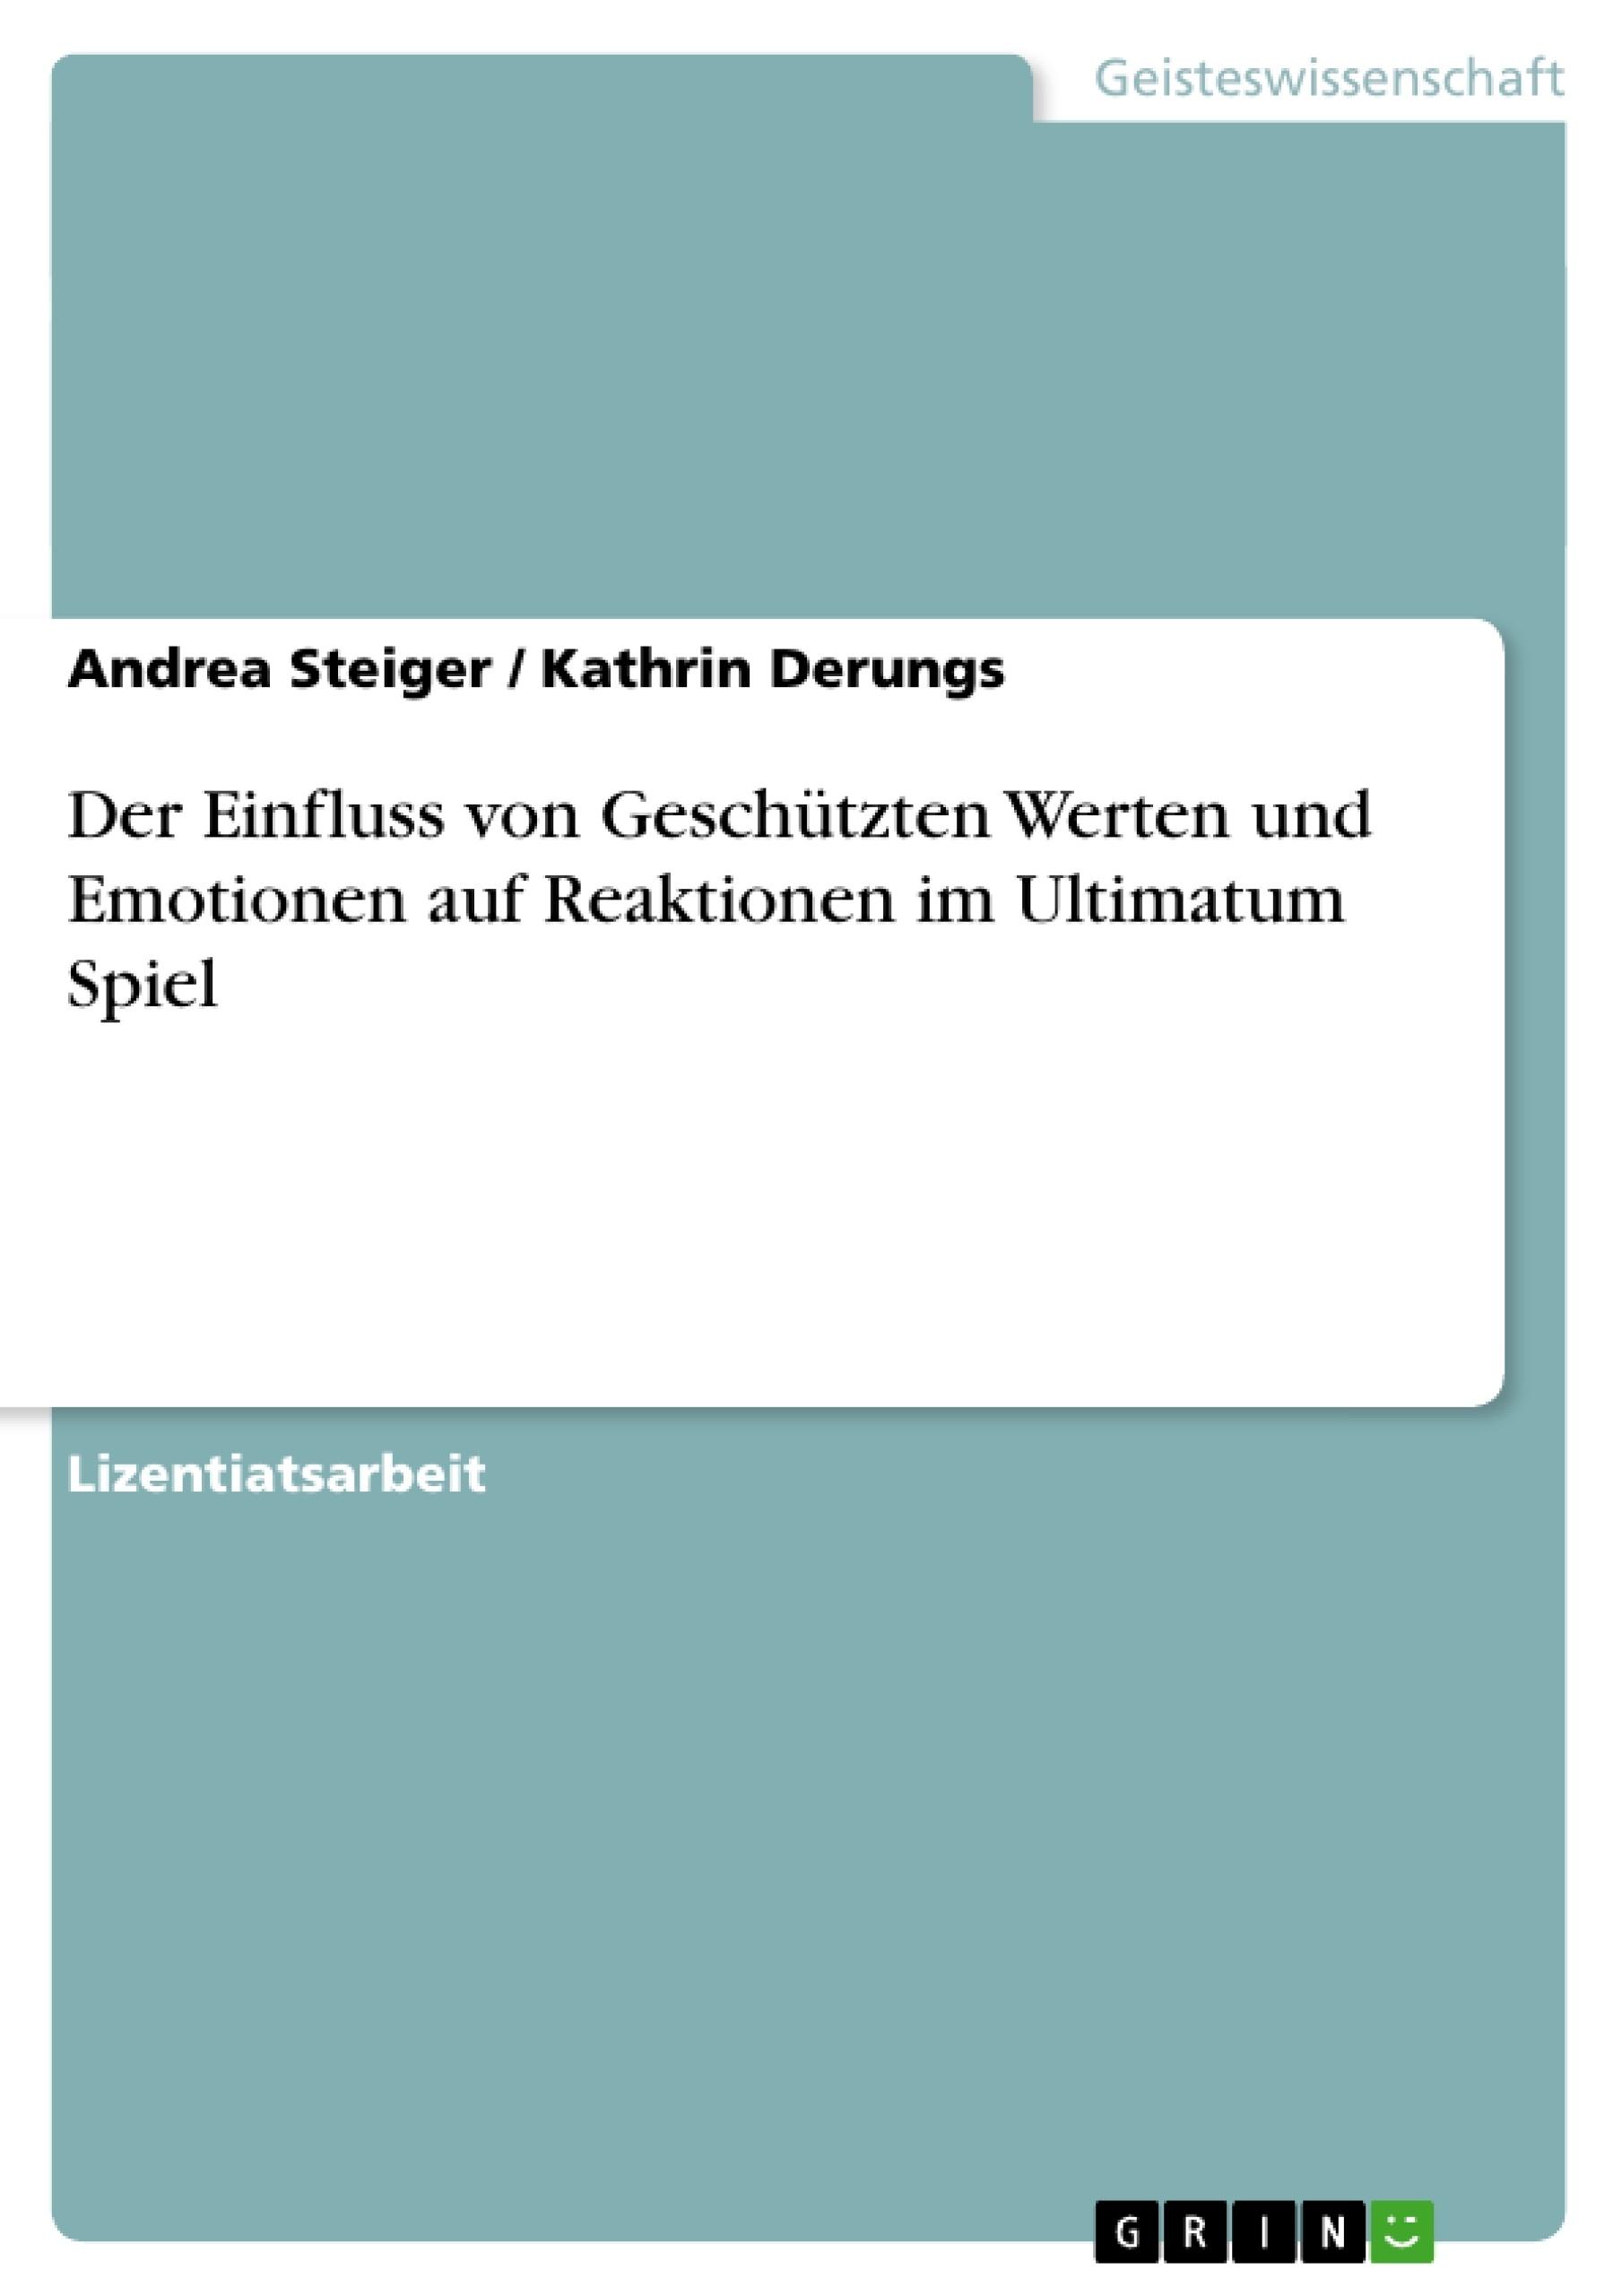 Titel: Der Einfluss von Geschützten Werten und Emotionen auf Reaktionen im Ultimatum Spiel